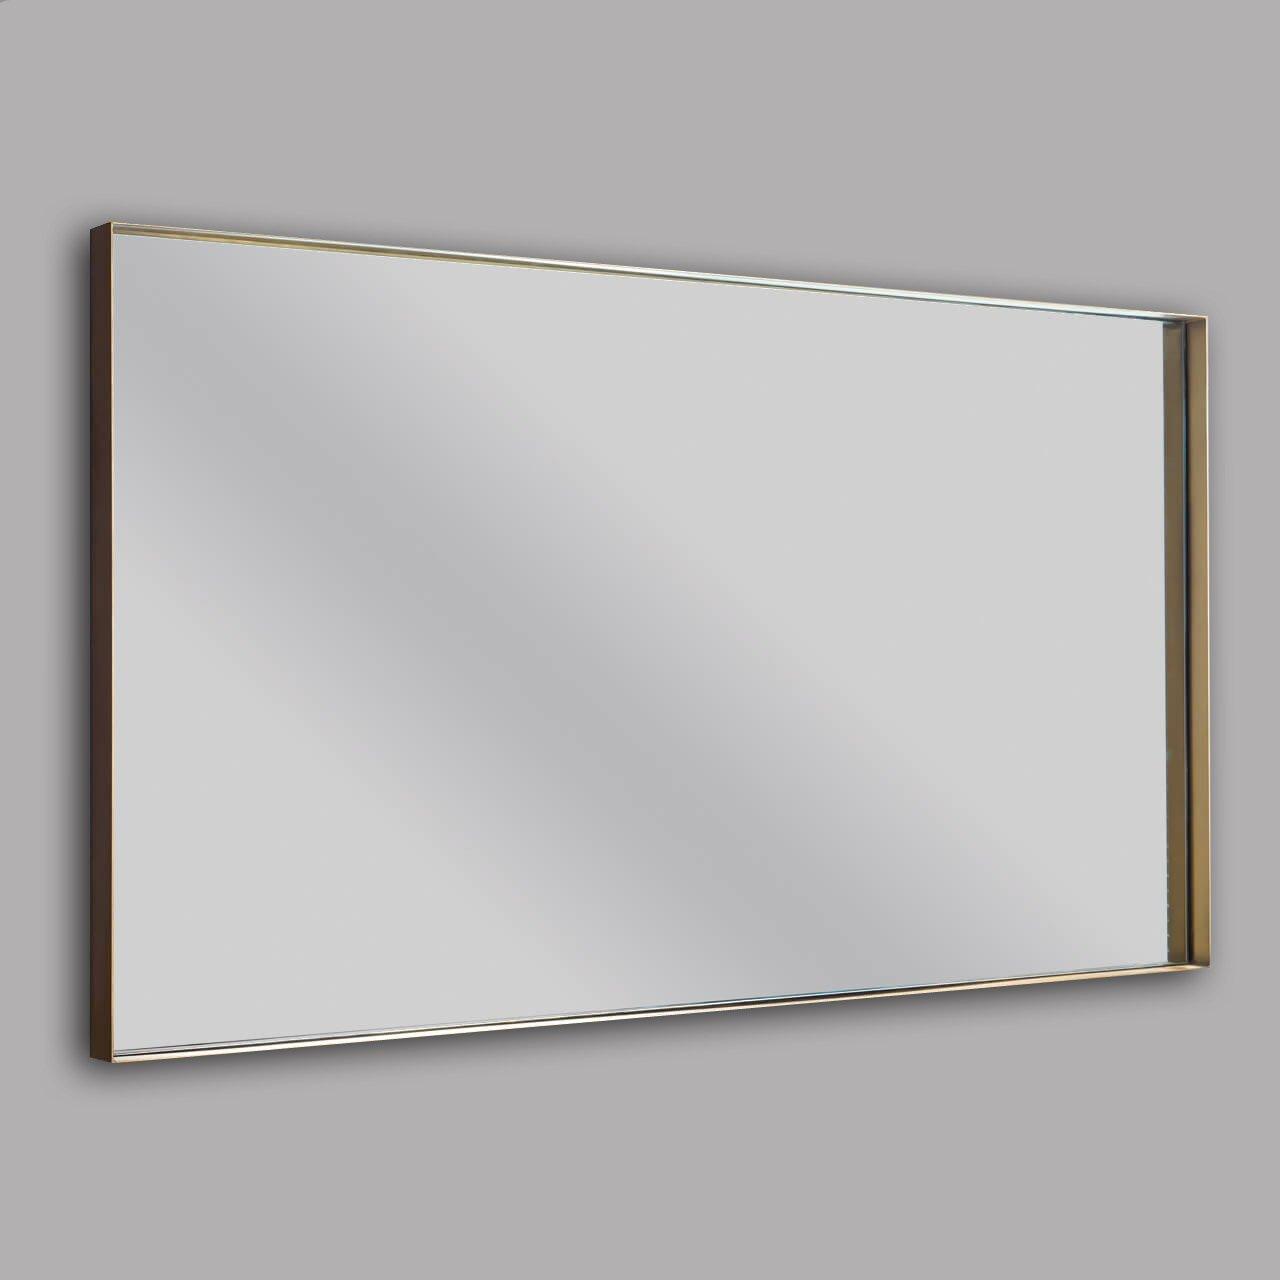 Specchio Charme S